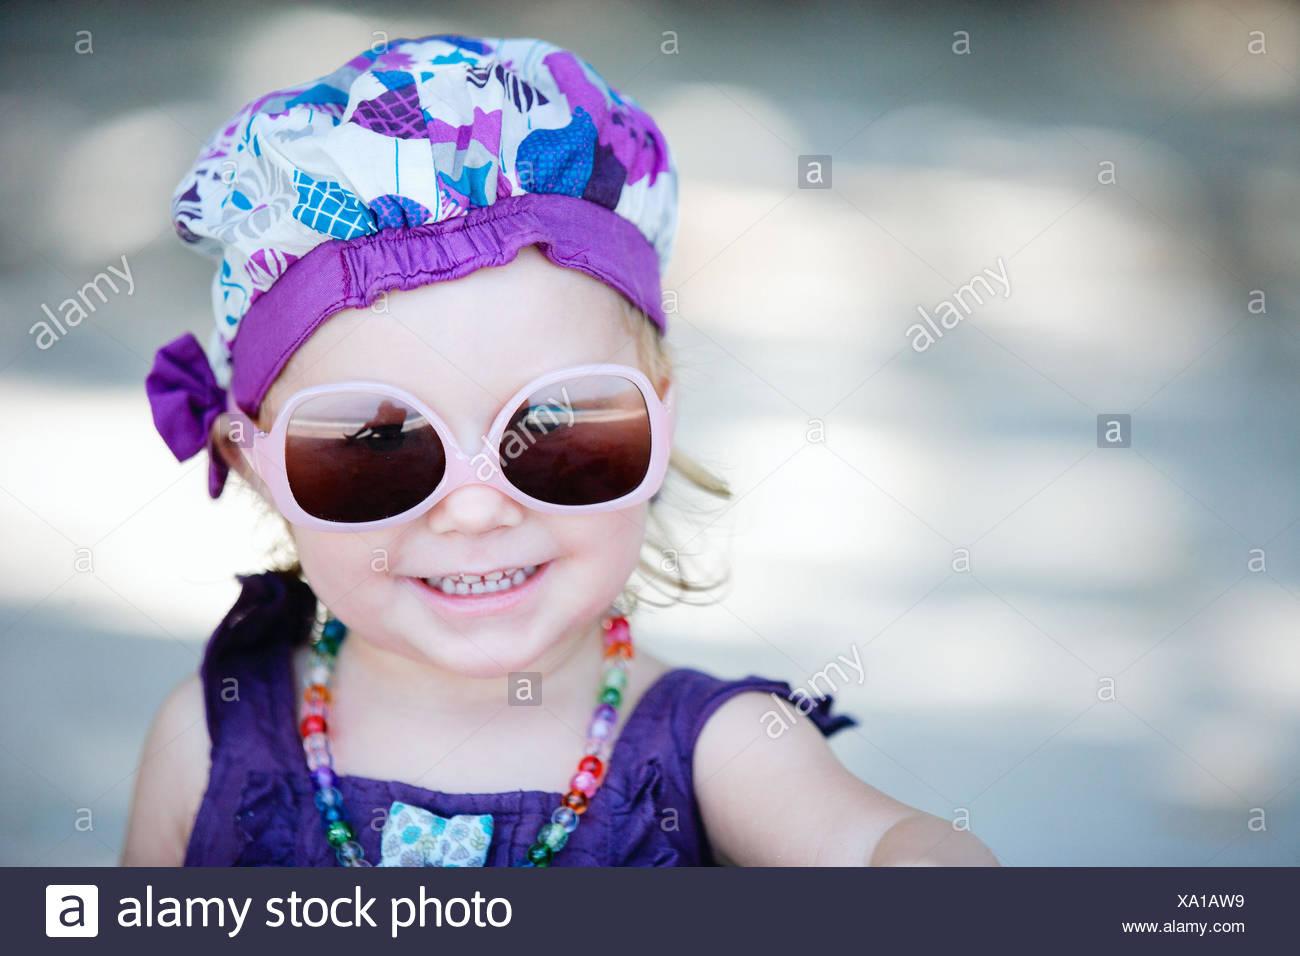 e6bf9e498 Retrato de una niña con gafas de sol y ropa extravagante Imagen De Stock